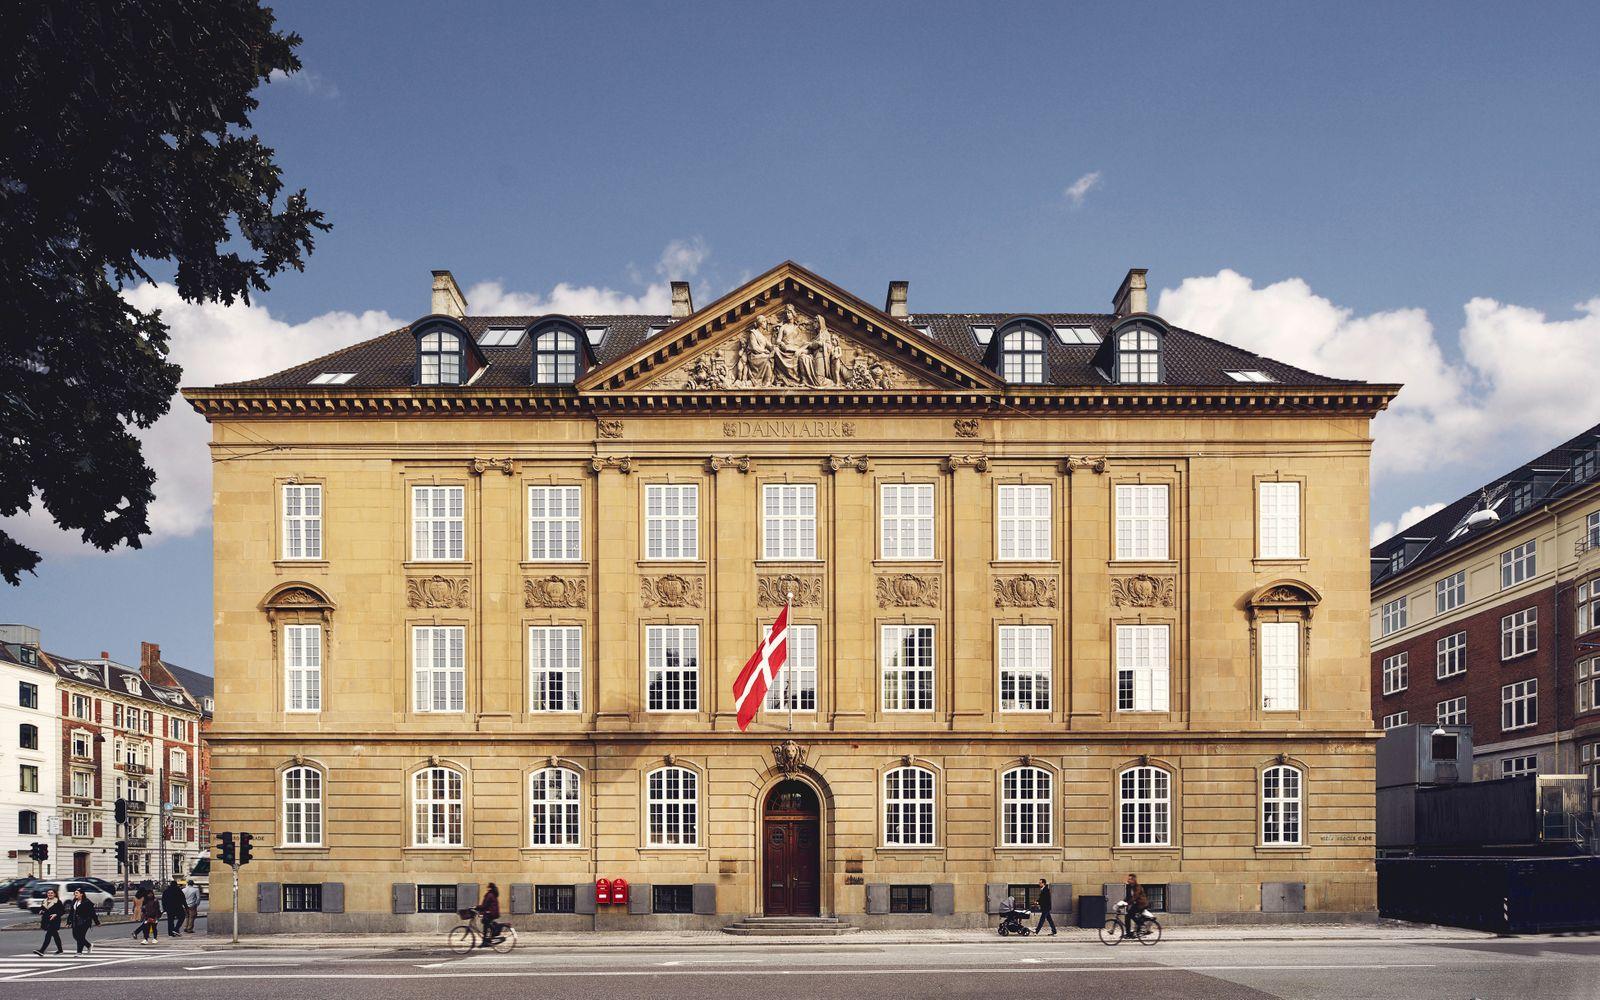 Nobis Hotel in Kopenhagen